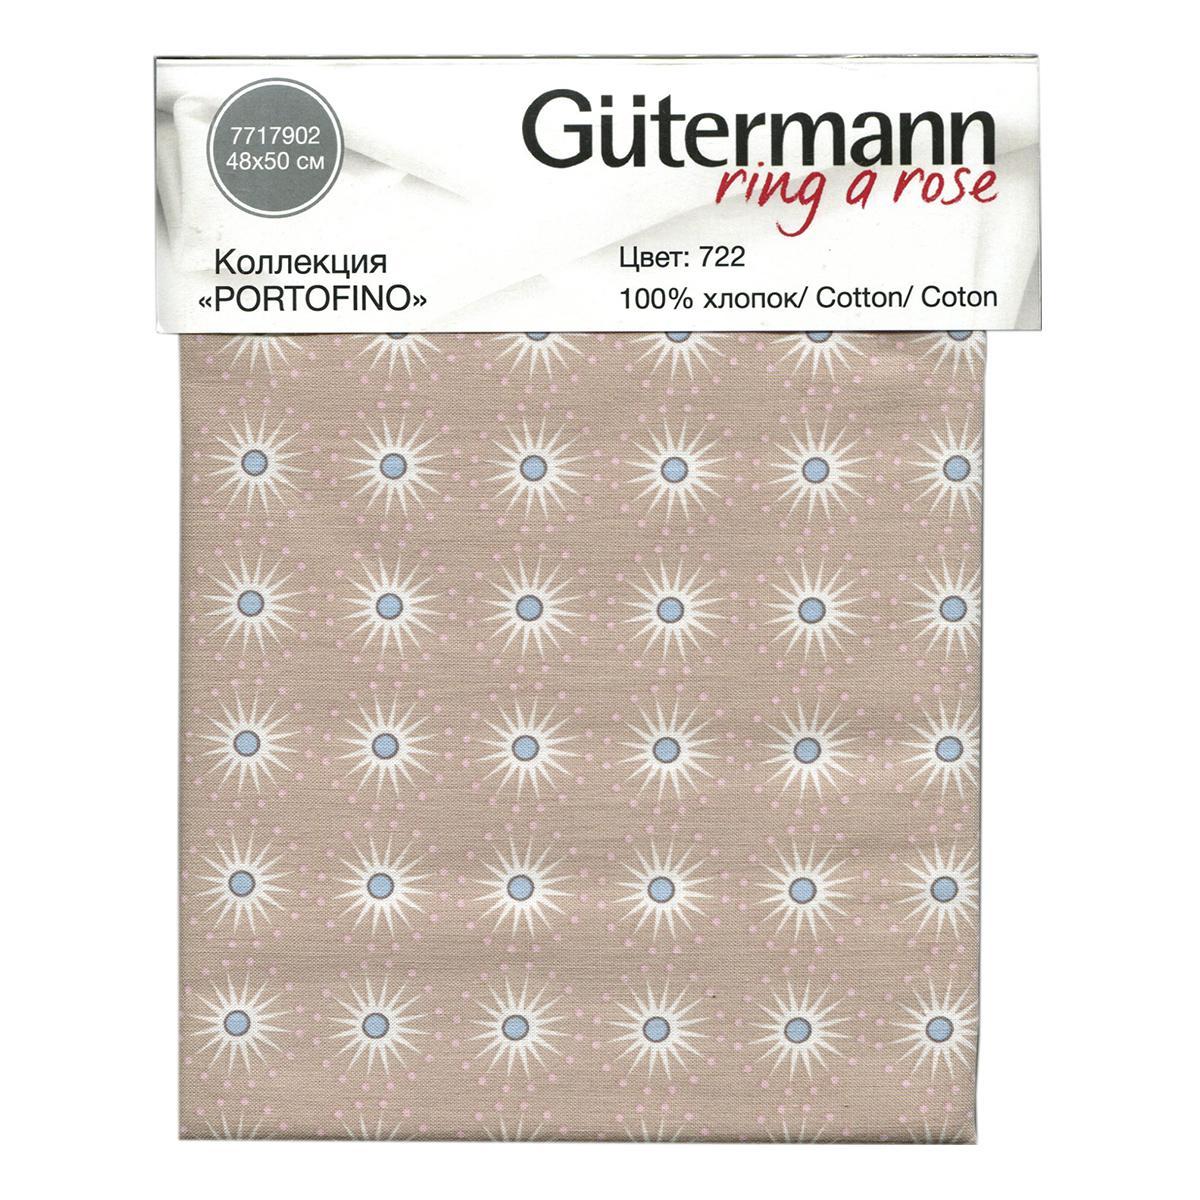 Ткань Gutermann Portofino, 48 х 50 см. 647667_7227717902-722Хлопковая ткань от Gutermann (Гутерманн) выполнена из 100% натурального материала, идеально подойдет для шитья одежды, постельного белья, декорирования. Ткань не линяет, не осыпается по краям и не дает усадки.